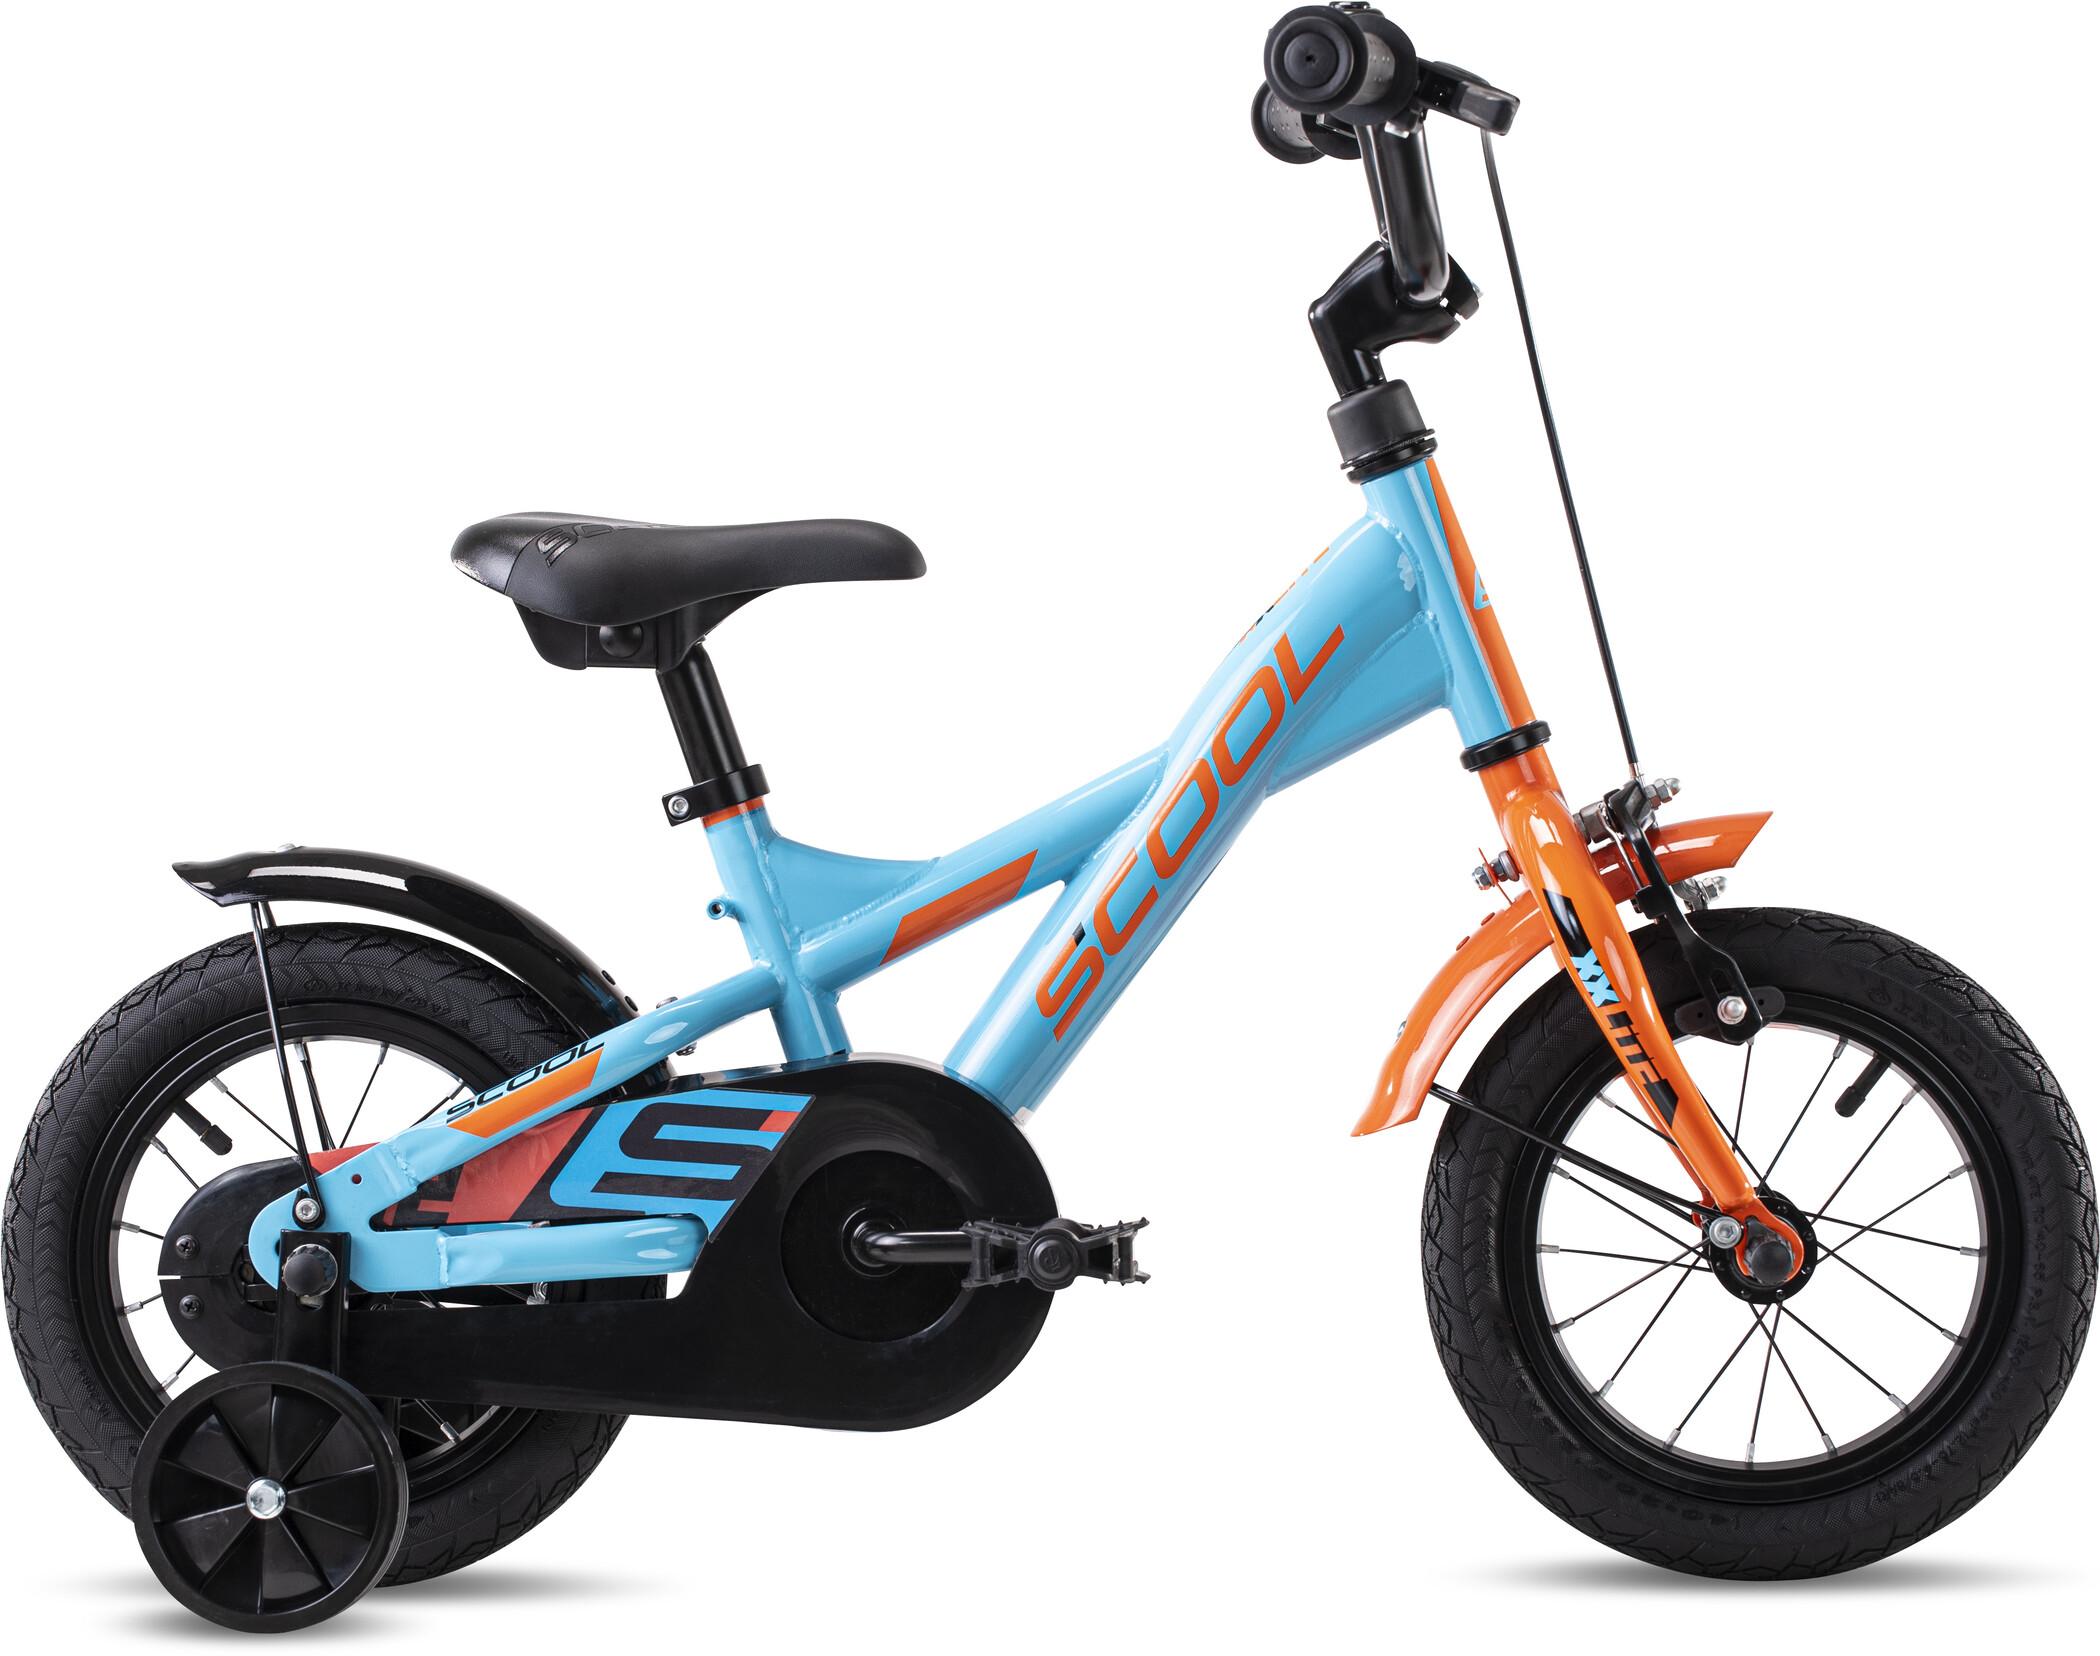 Kinderfahrrad für 4 jährige & Fahrrad für 5 jährige kaufen